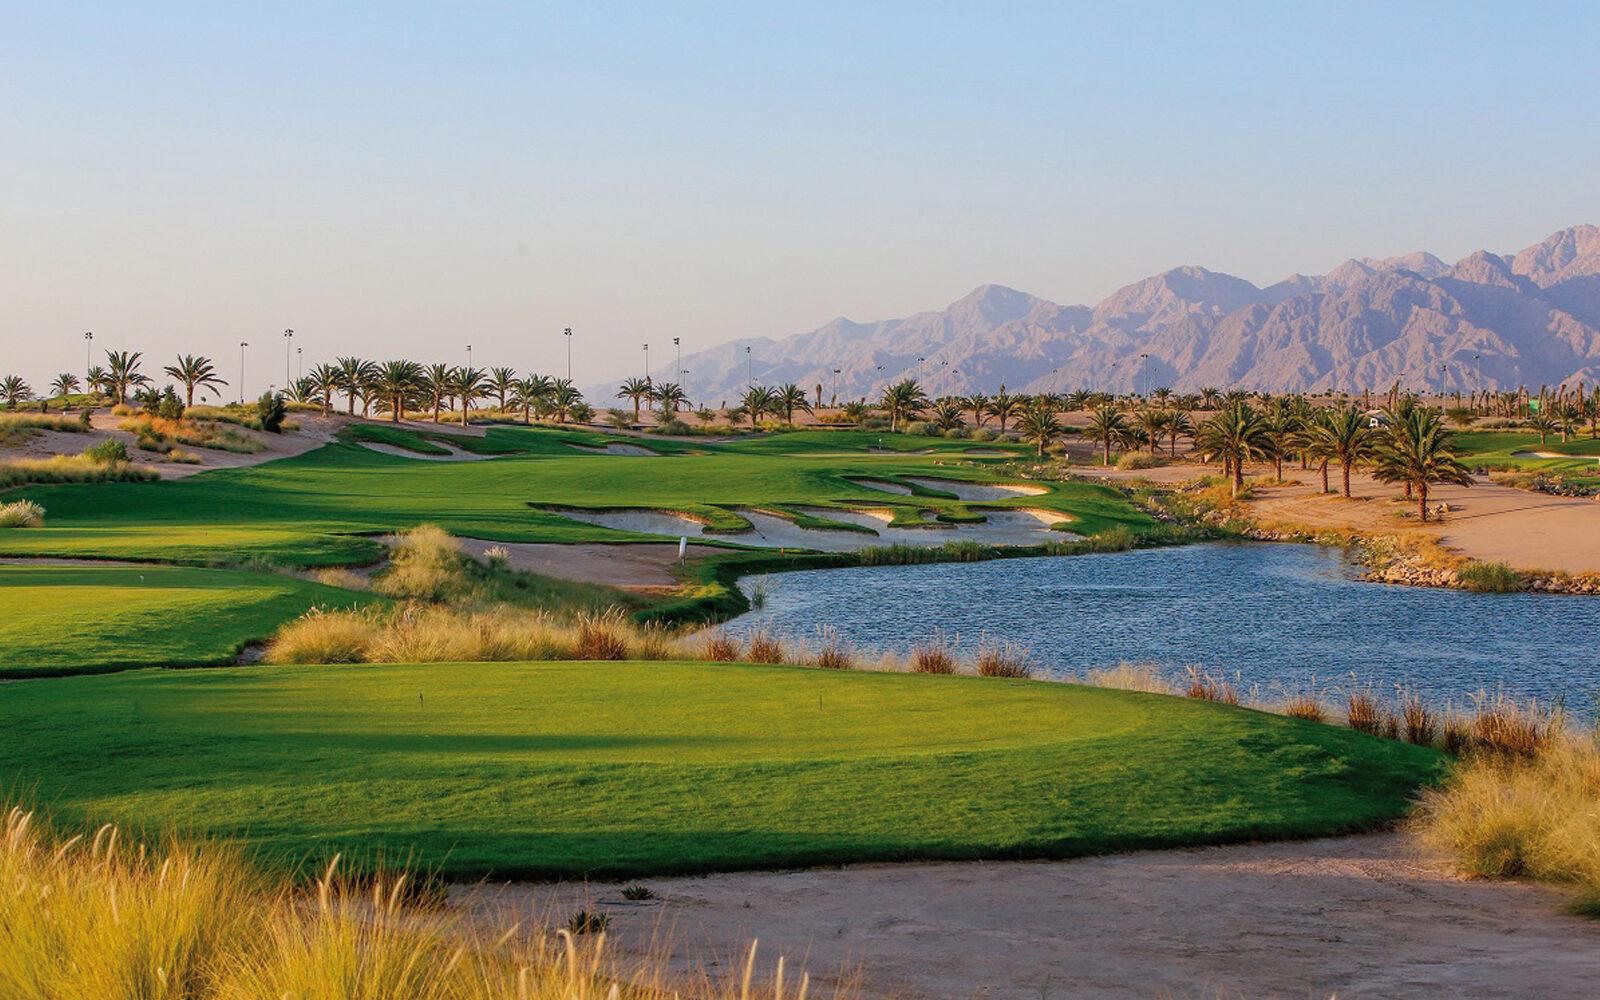 Ayla Golf Course in Jordan 3